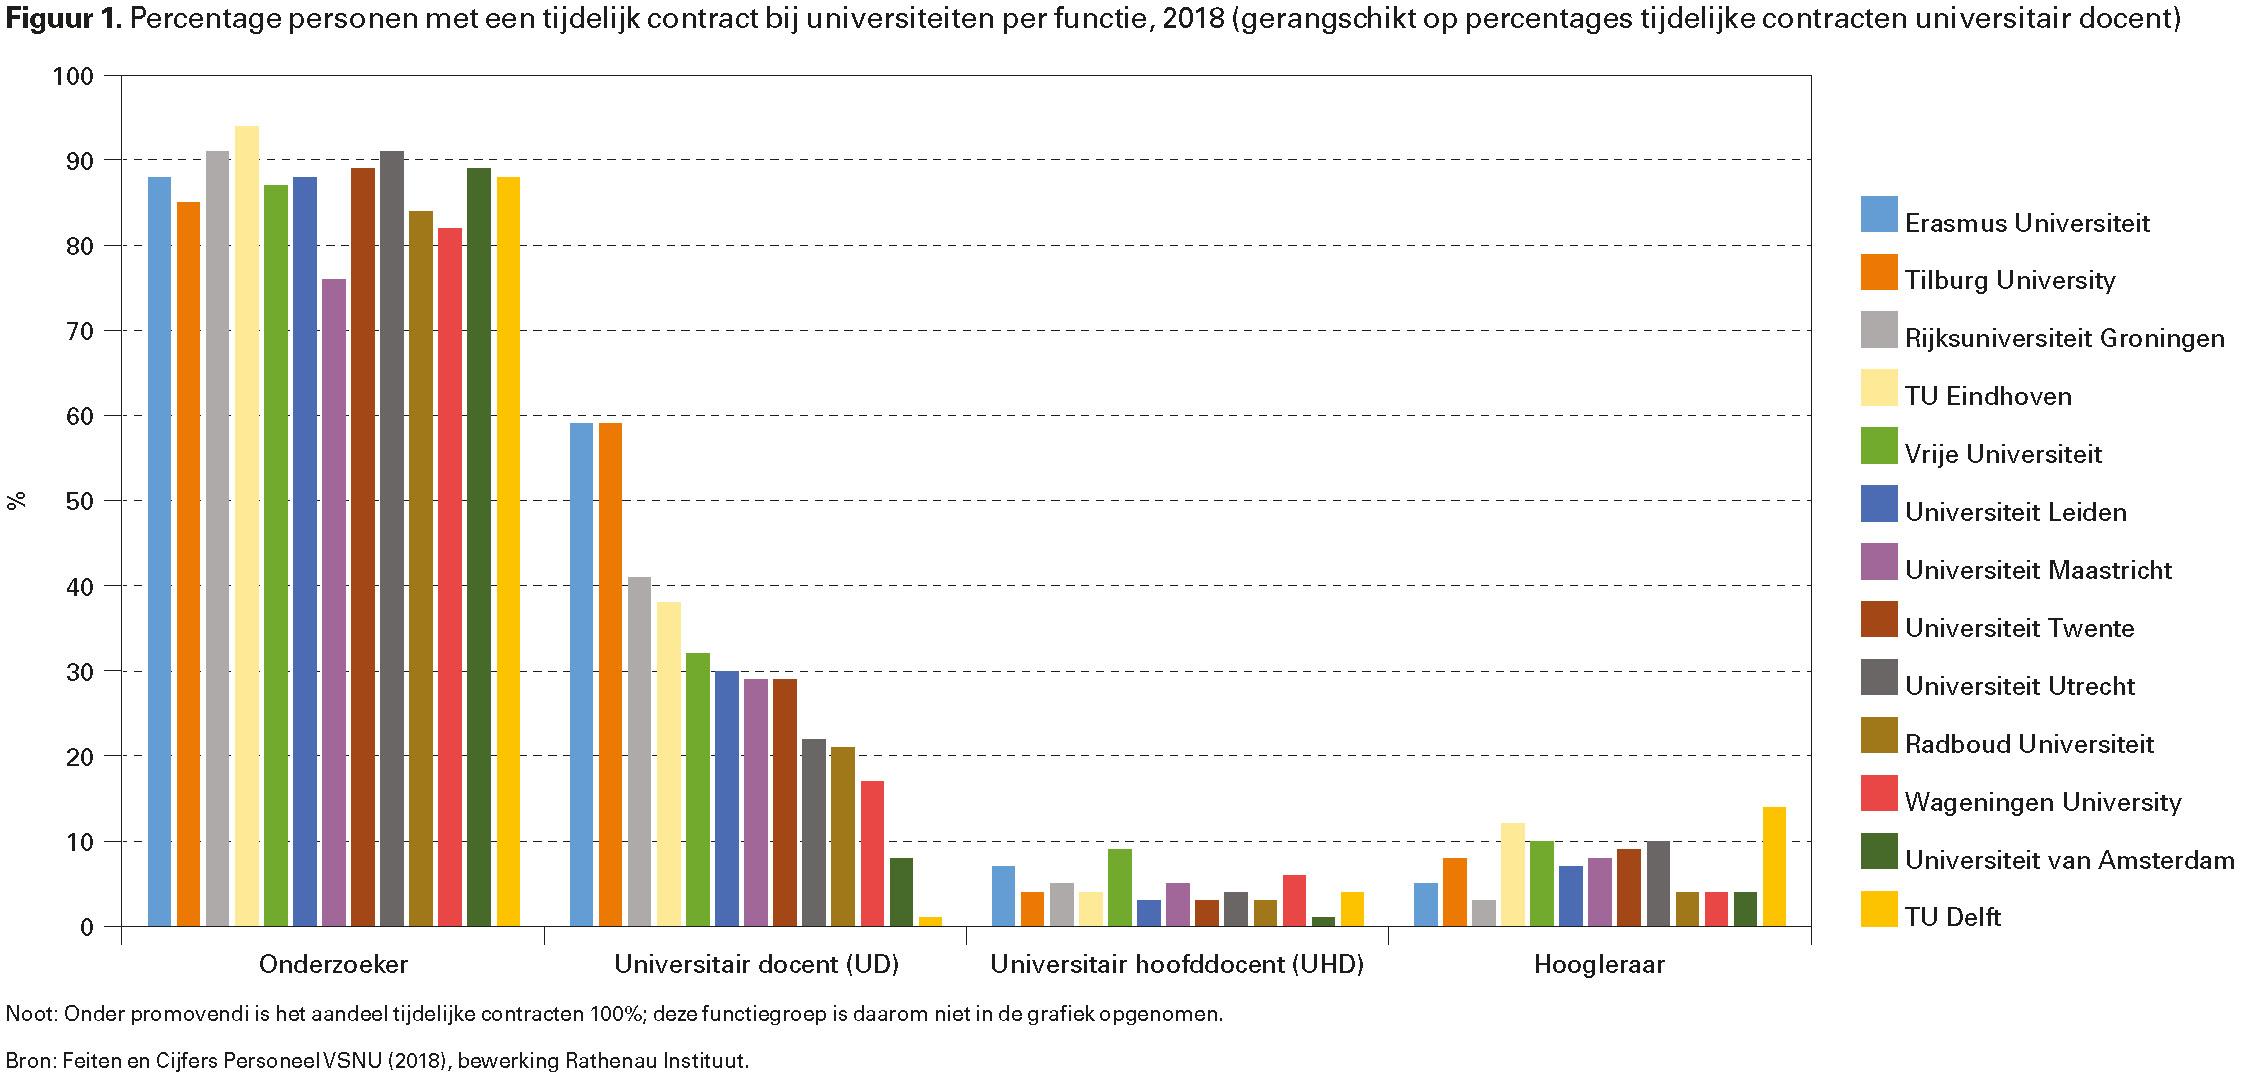 Figuur 1. Percentage personen met een tijdelijk contract bij universiteiten per functie, 2018 (gerangschikt op percentages tijdelijke contracten universitair docent)